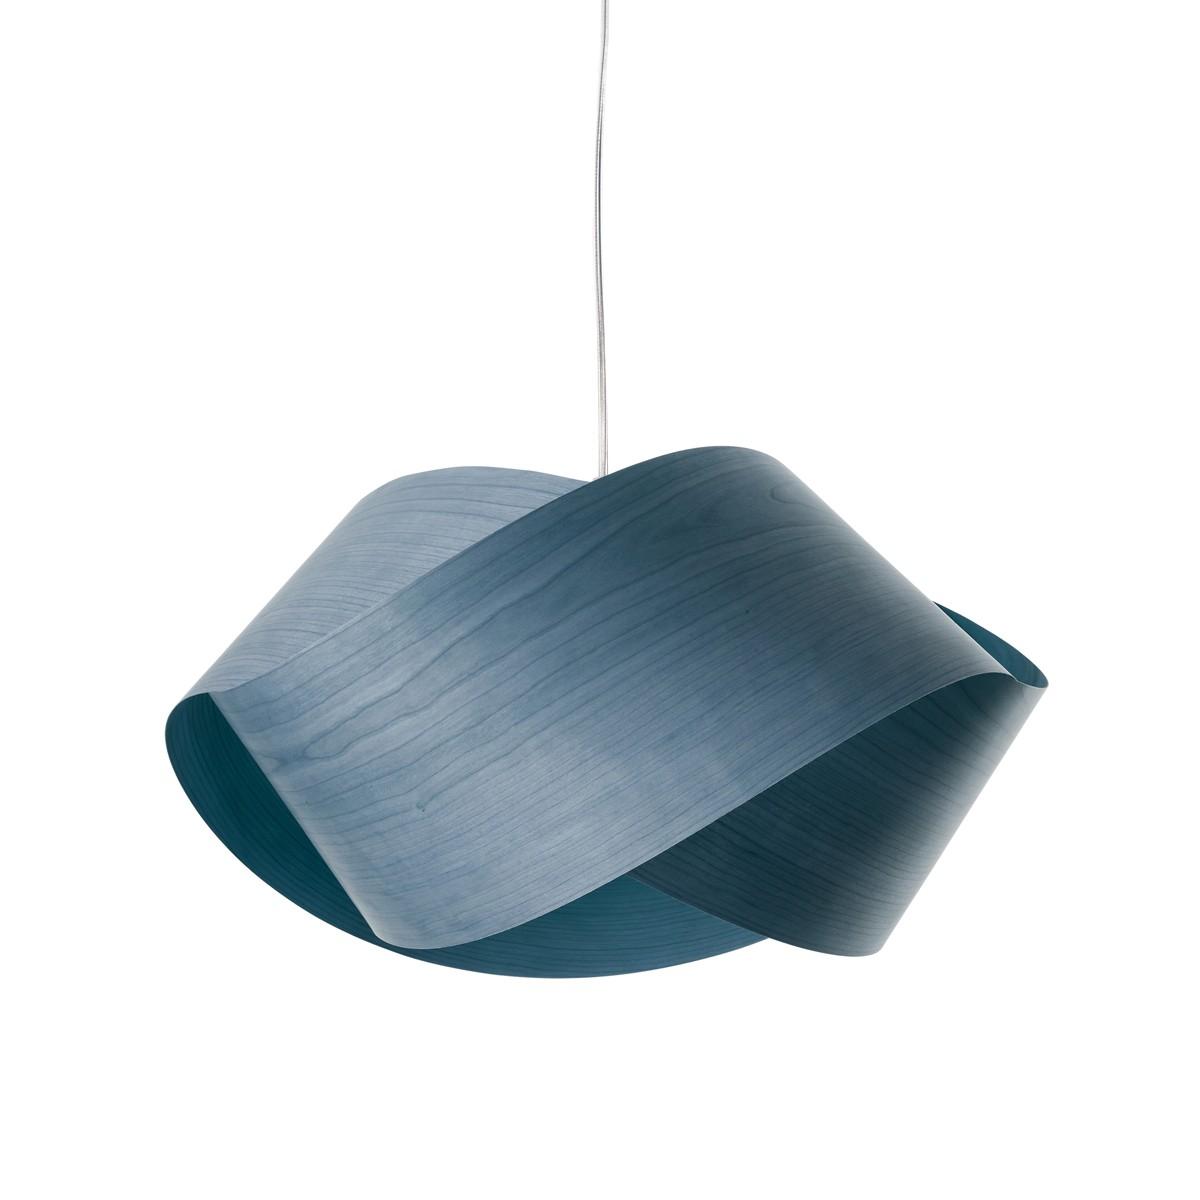 LZF Lamps Nut Pendelleuchte, blau